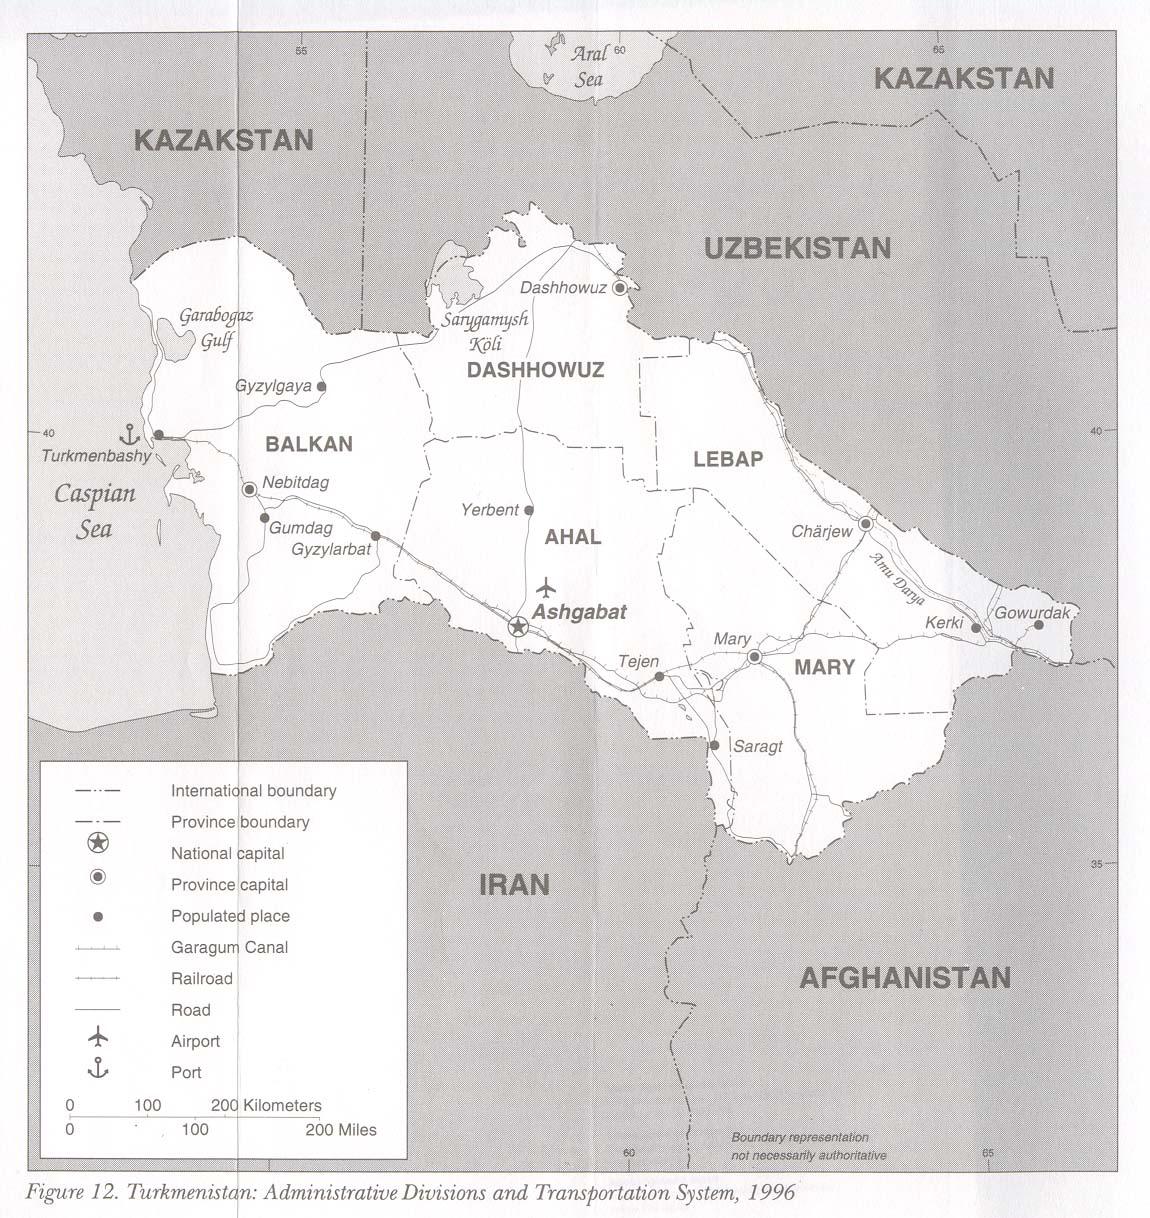 Karakumkanal